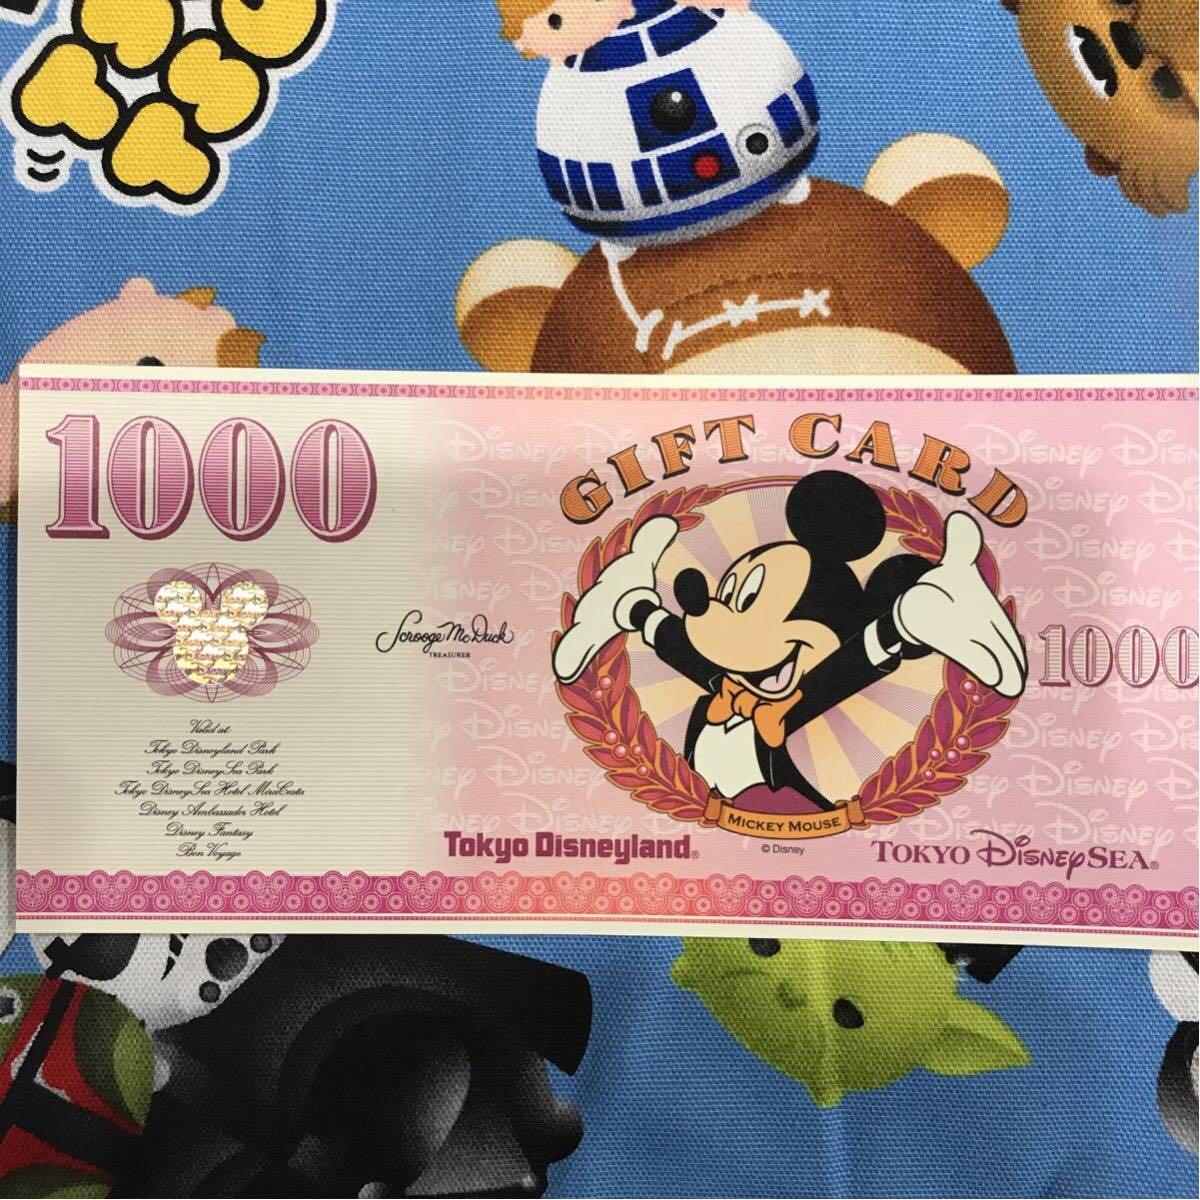 ディズニーギフトの値段と価格推移は?|103件の売買情報を集計した